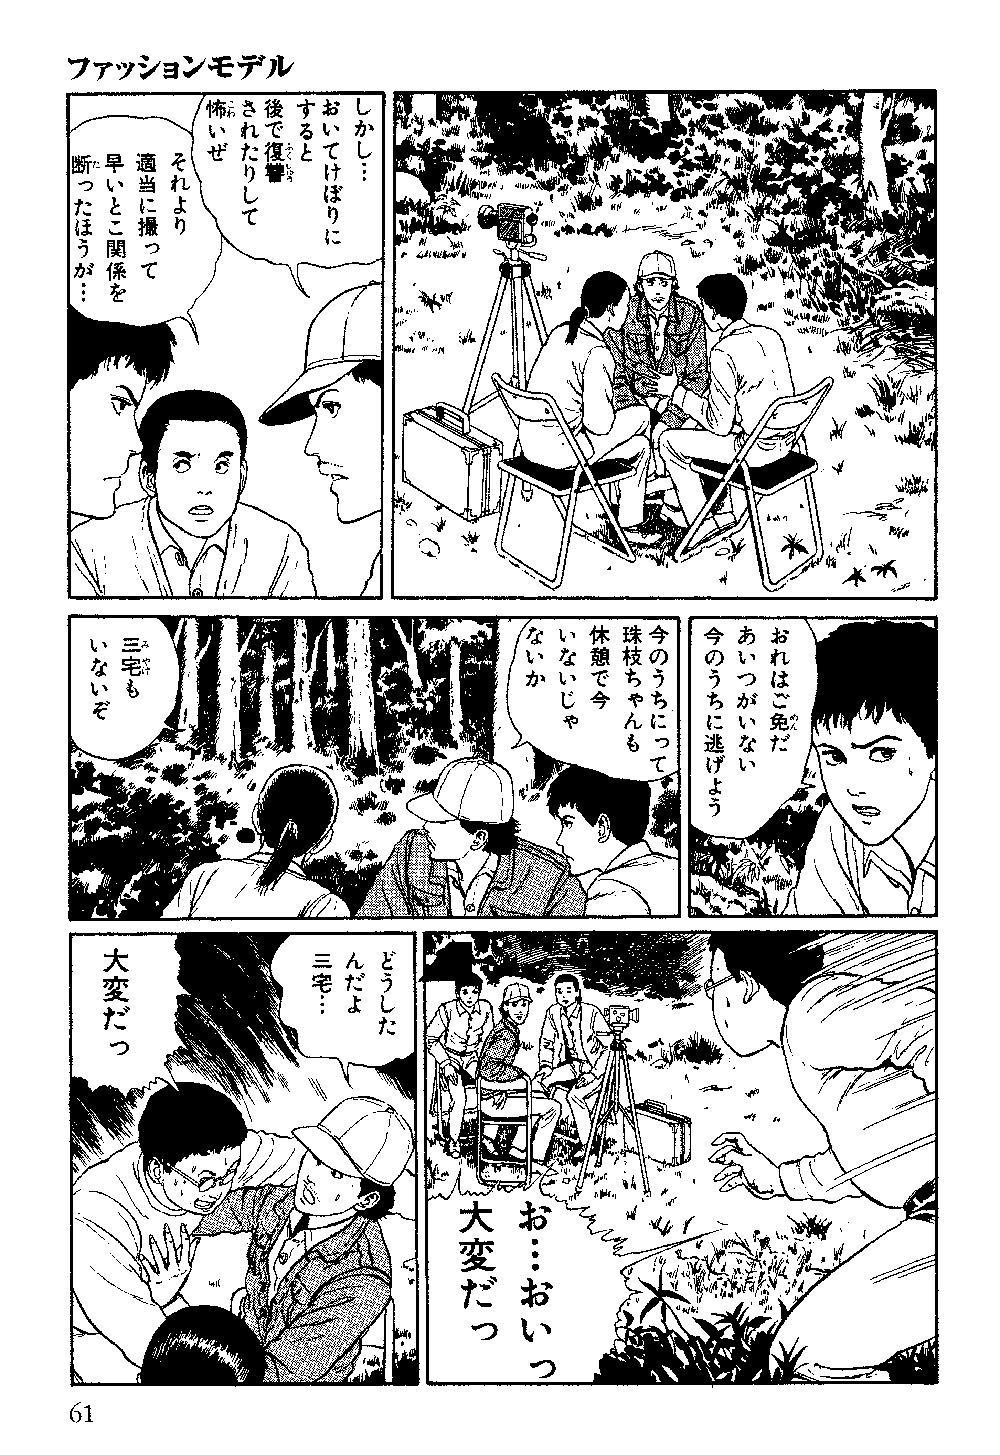 itouj_0006_0063.jpg